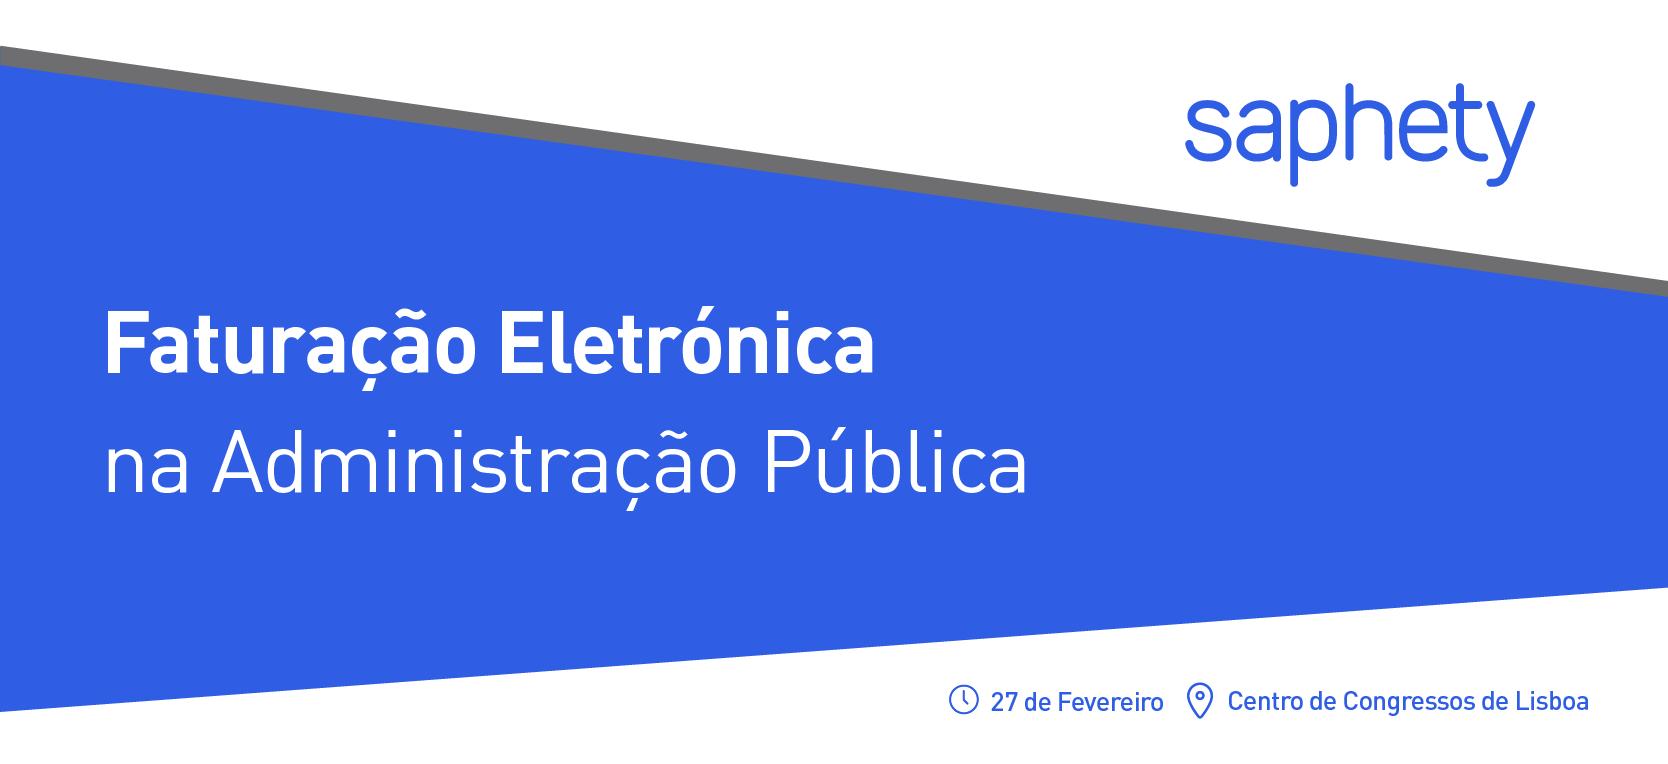 Evento Faturação Eletrónica na Administração Pública